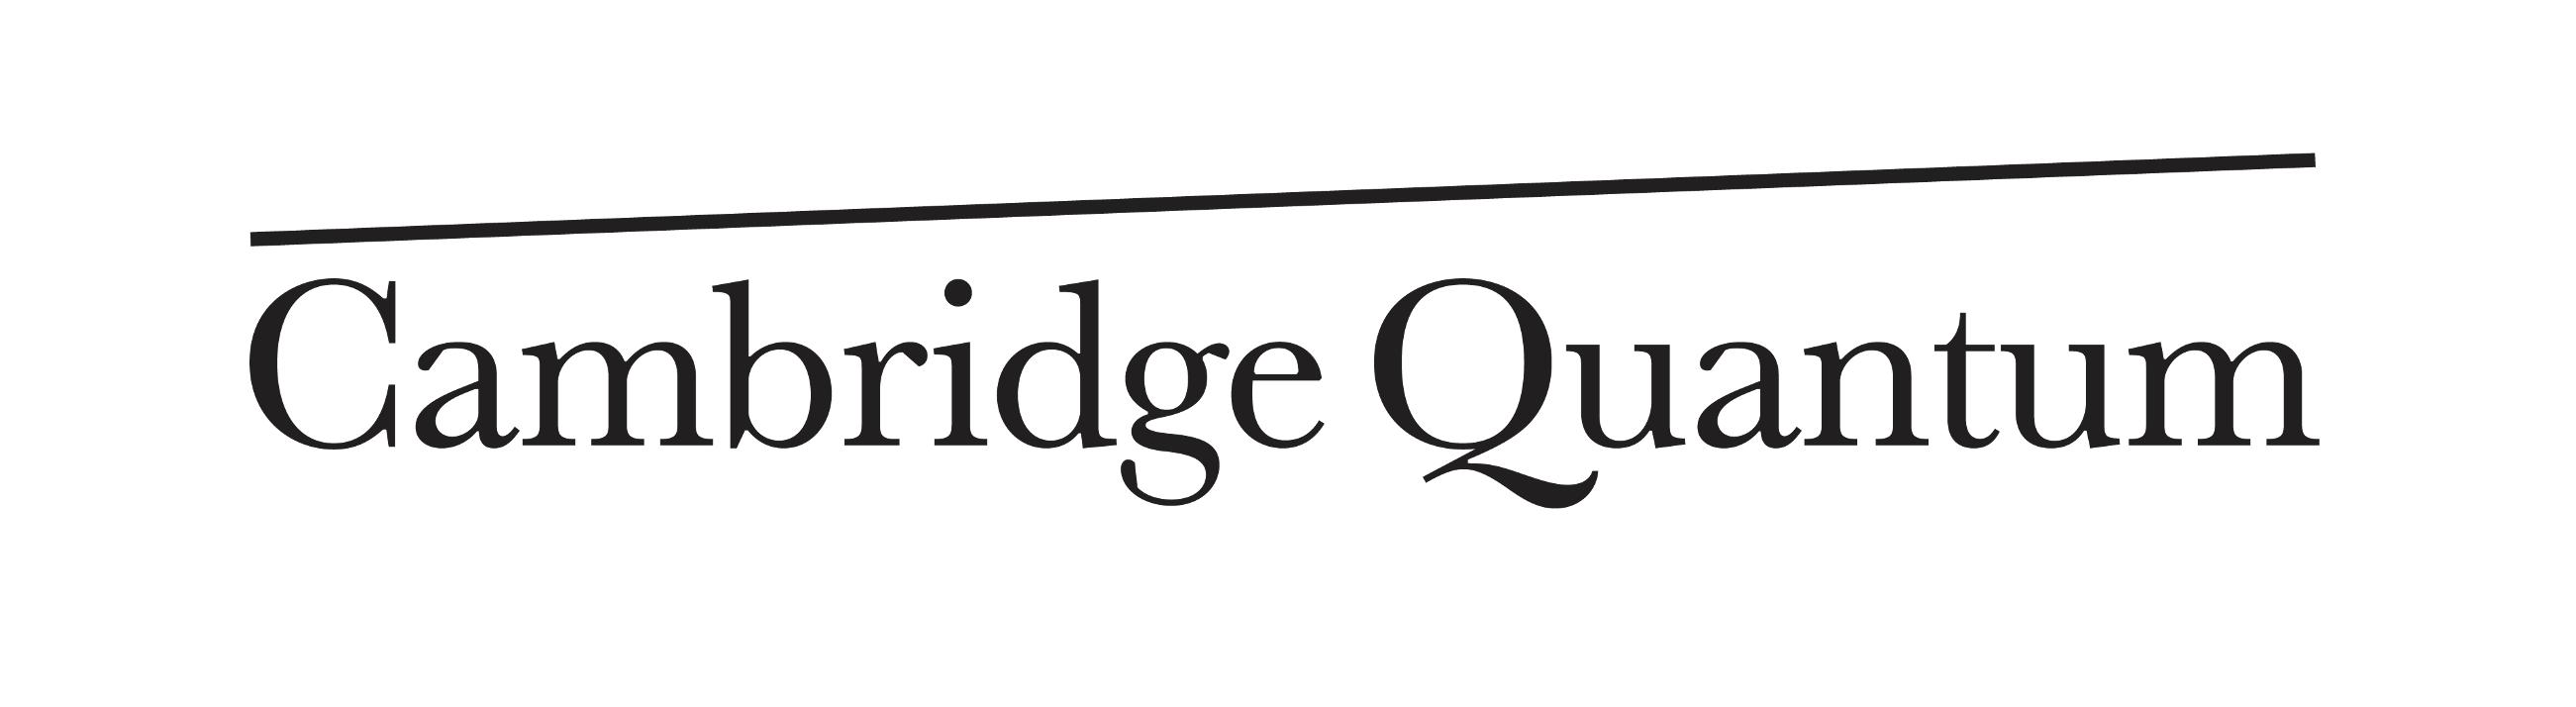 Cambridge Quantum Computing Limited logo